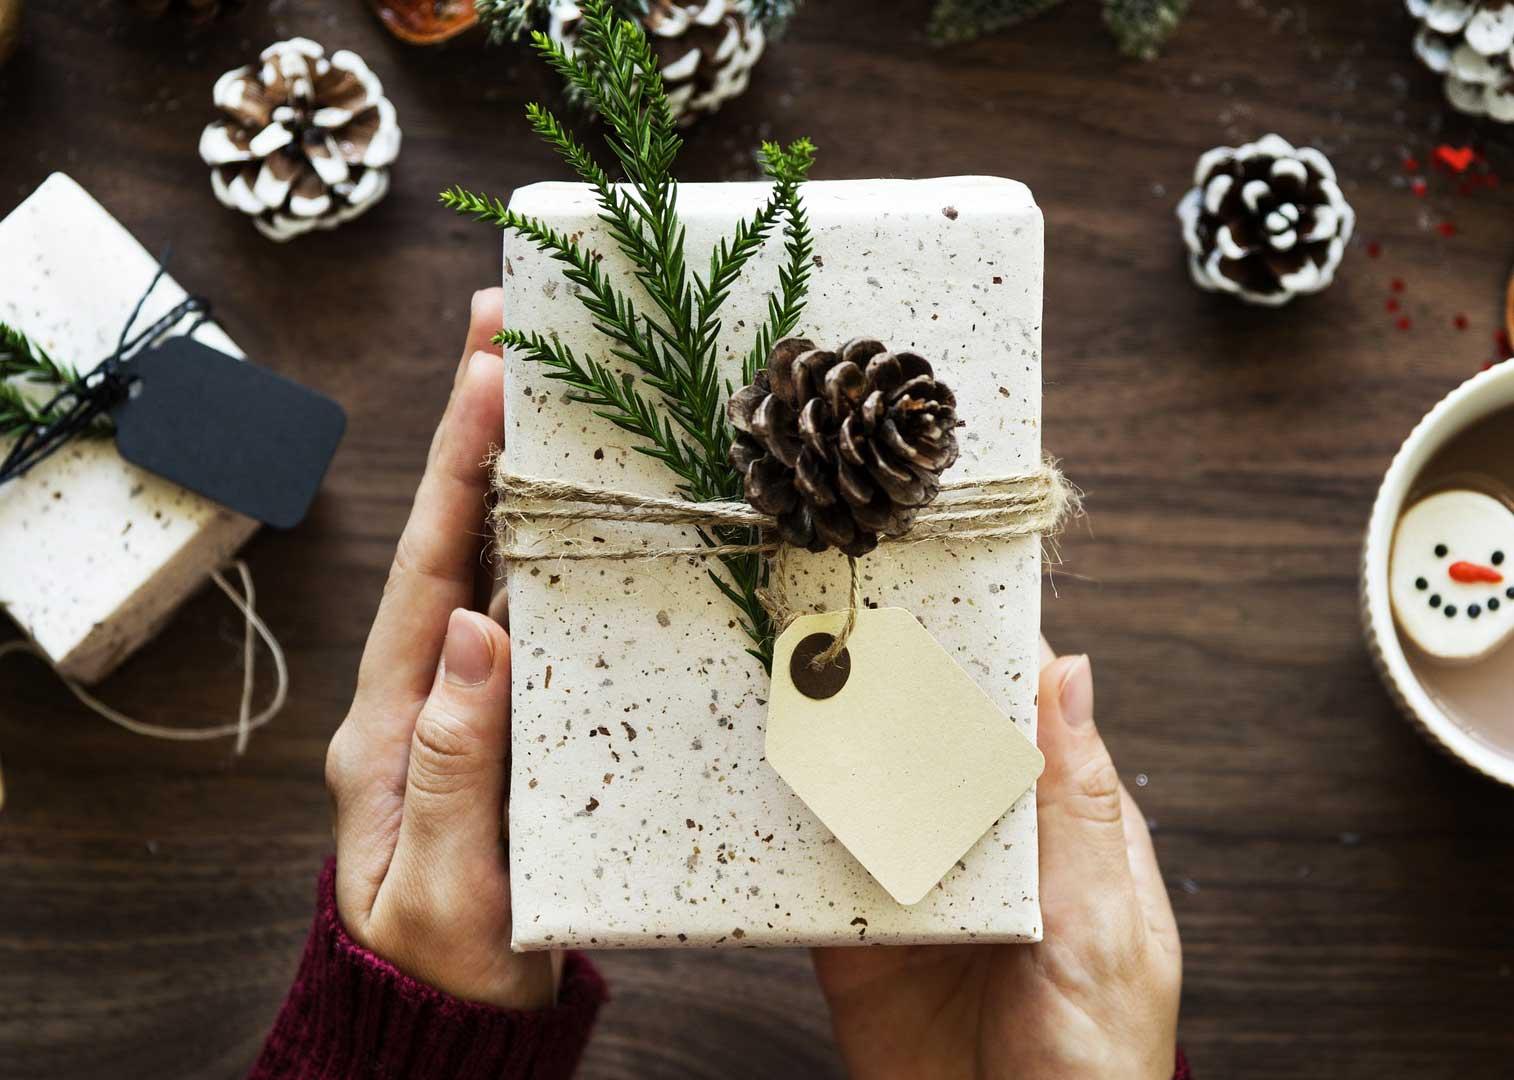 Idee Per Regalo Di Natale.Idee Per I Regali Di Natale Scegli L Agenda Life Planner